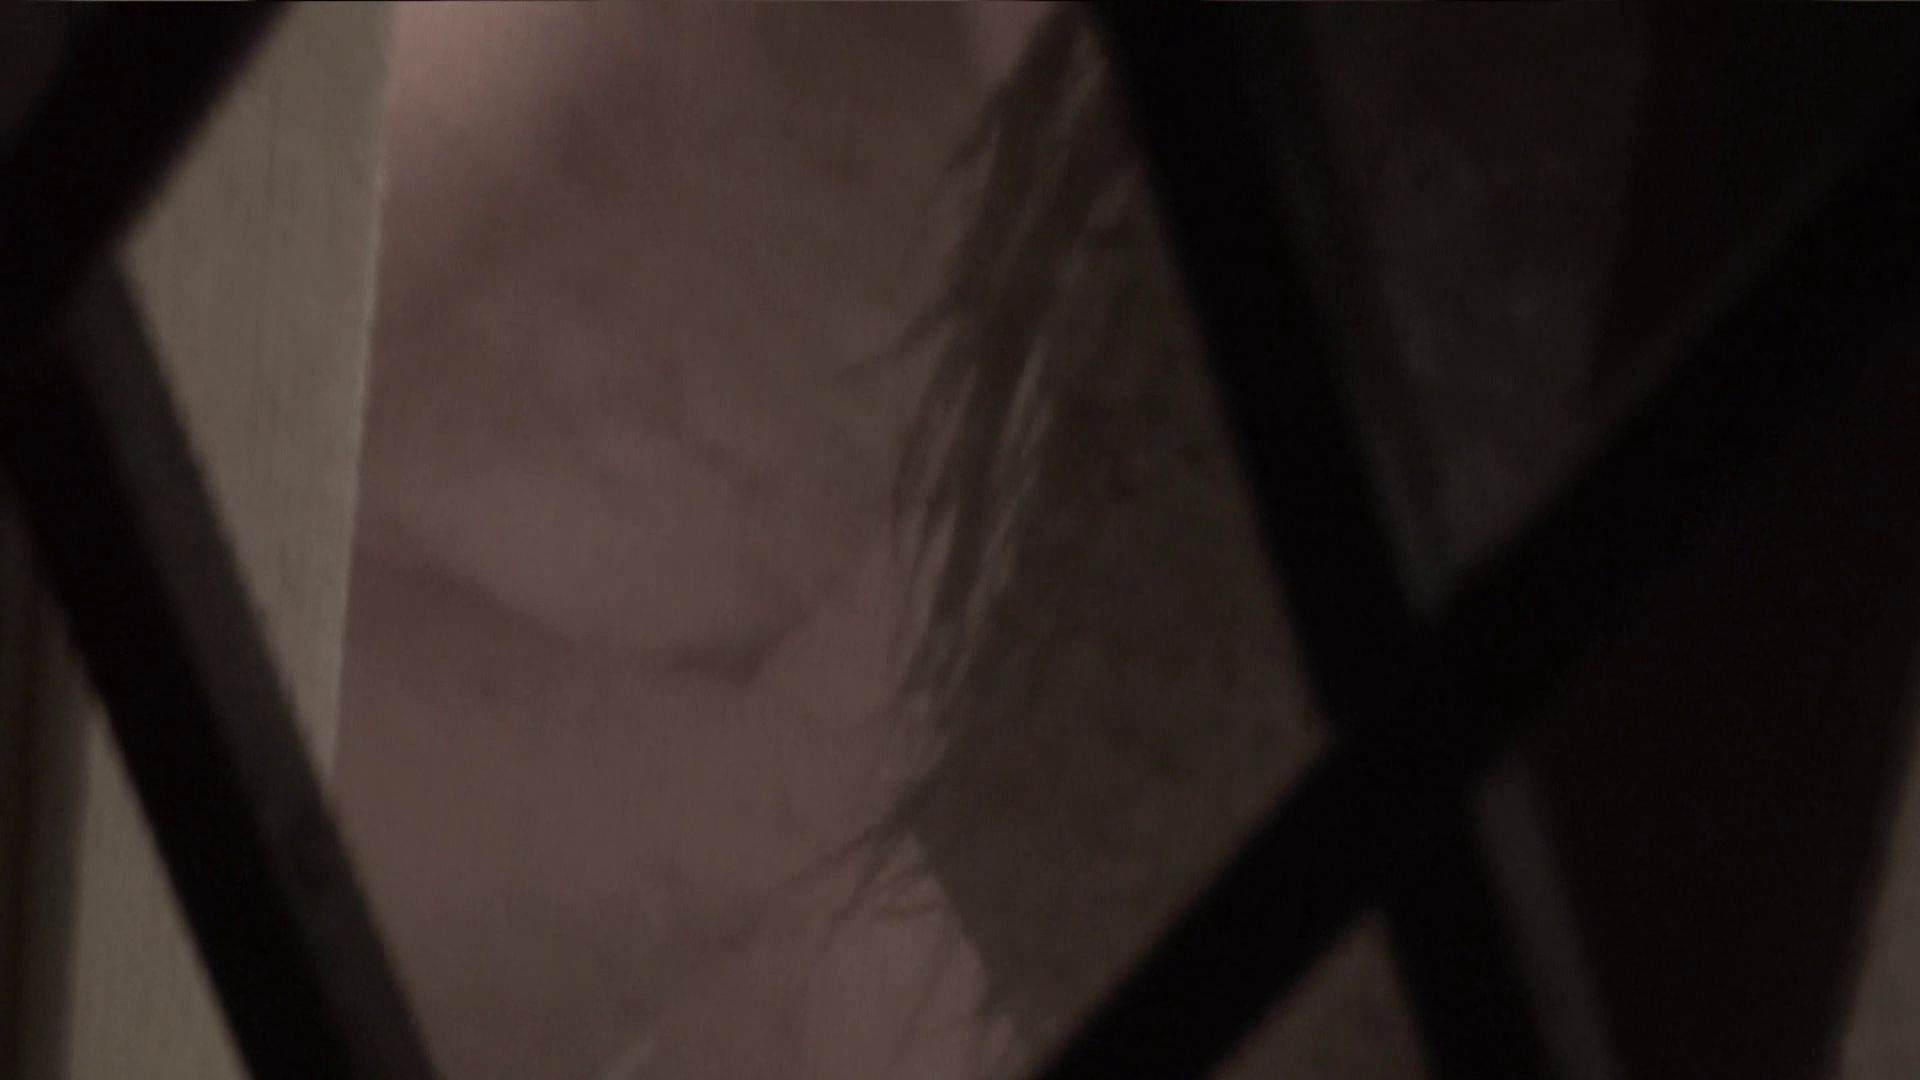 民家の騎士さんの最後の性戦ハイビジョン!!No.48 民家  29連発 12